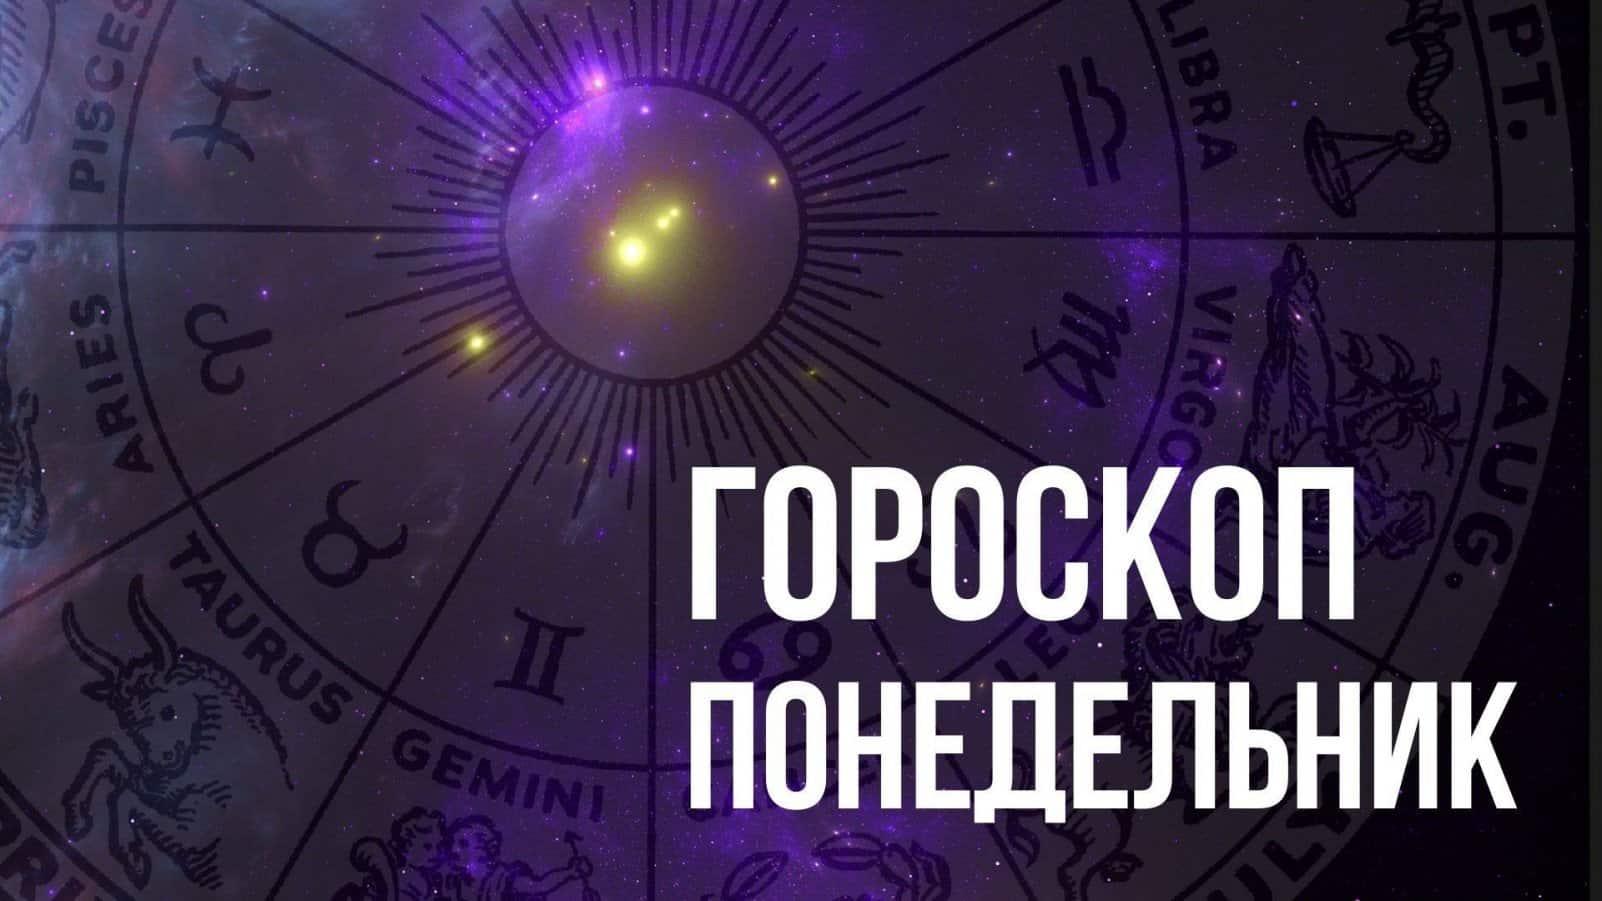 Гороскоп на понедельник 22 марта для каждого знака Зодиака